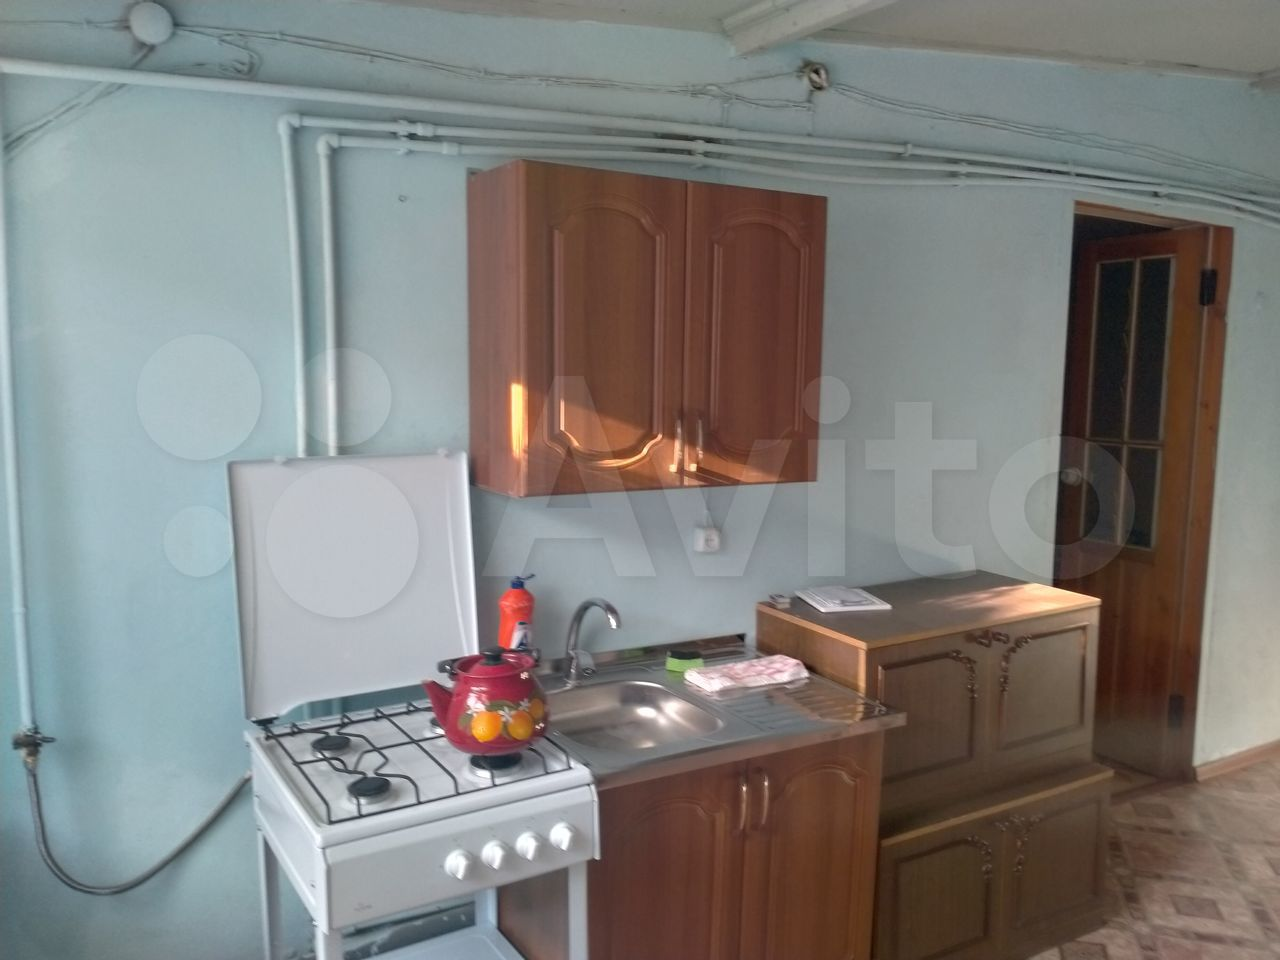 1-к квартира, 30 м², 1/1 эт.  89637966340 купить 4